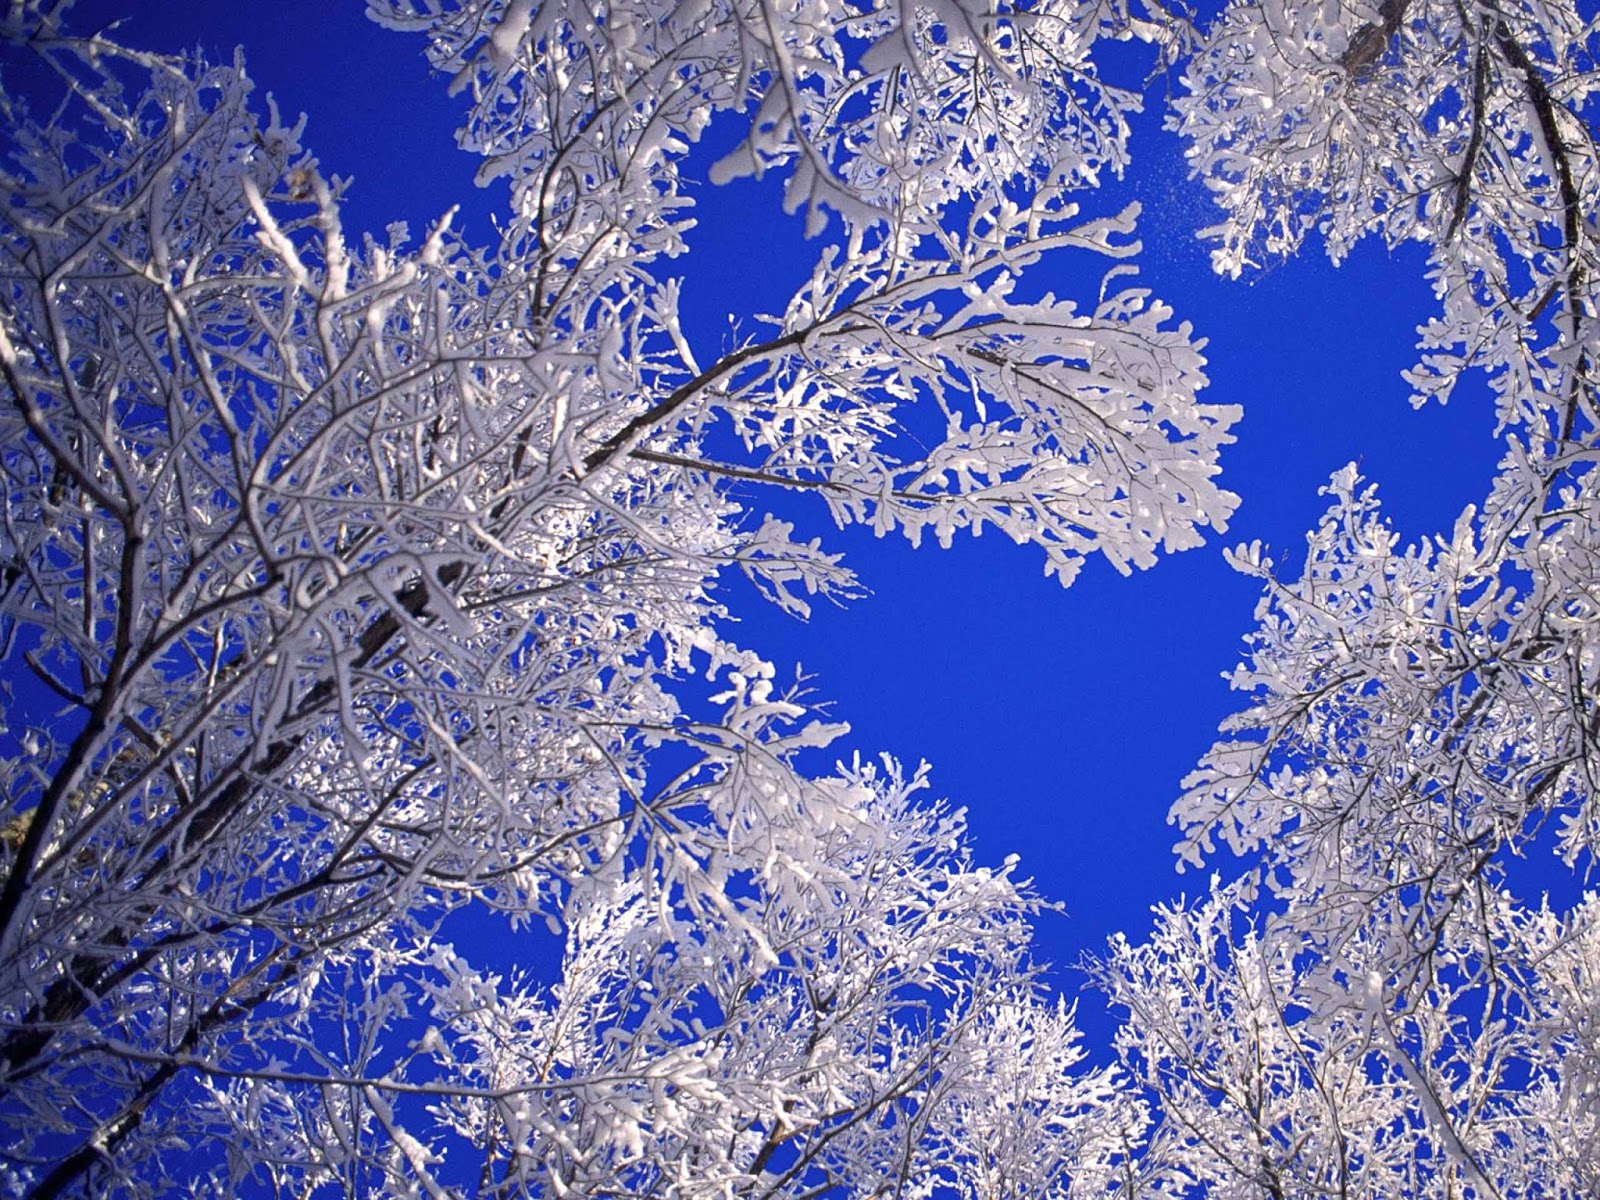 HD Wallpapers: Winter Scenes For Desktop